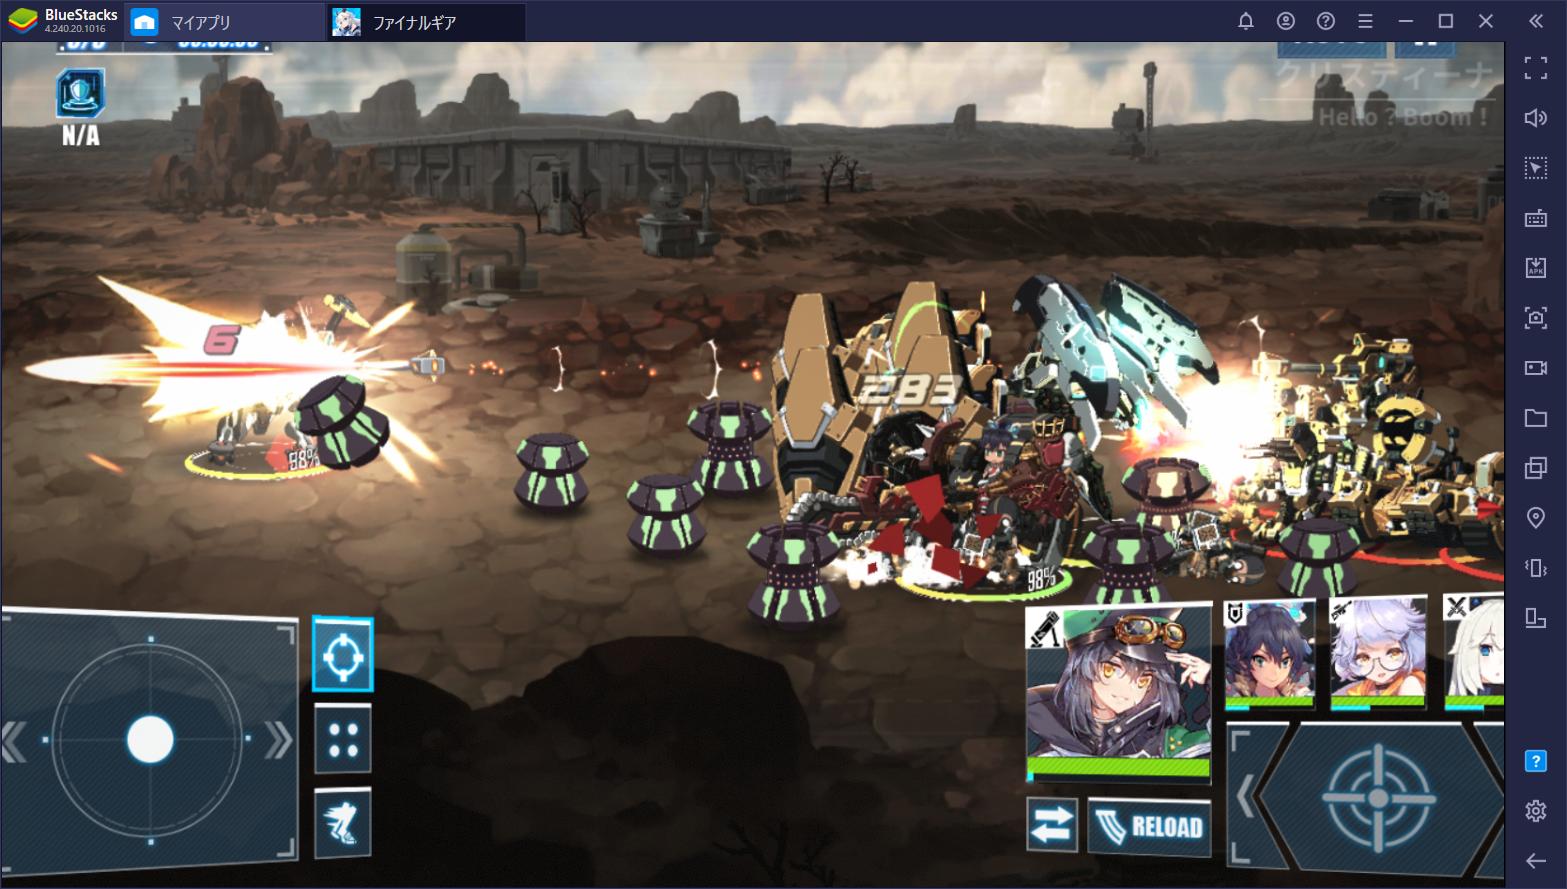 BlueStacksを使ってPCで『ファイナルギア-重装戦姫-』を遊ぼう